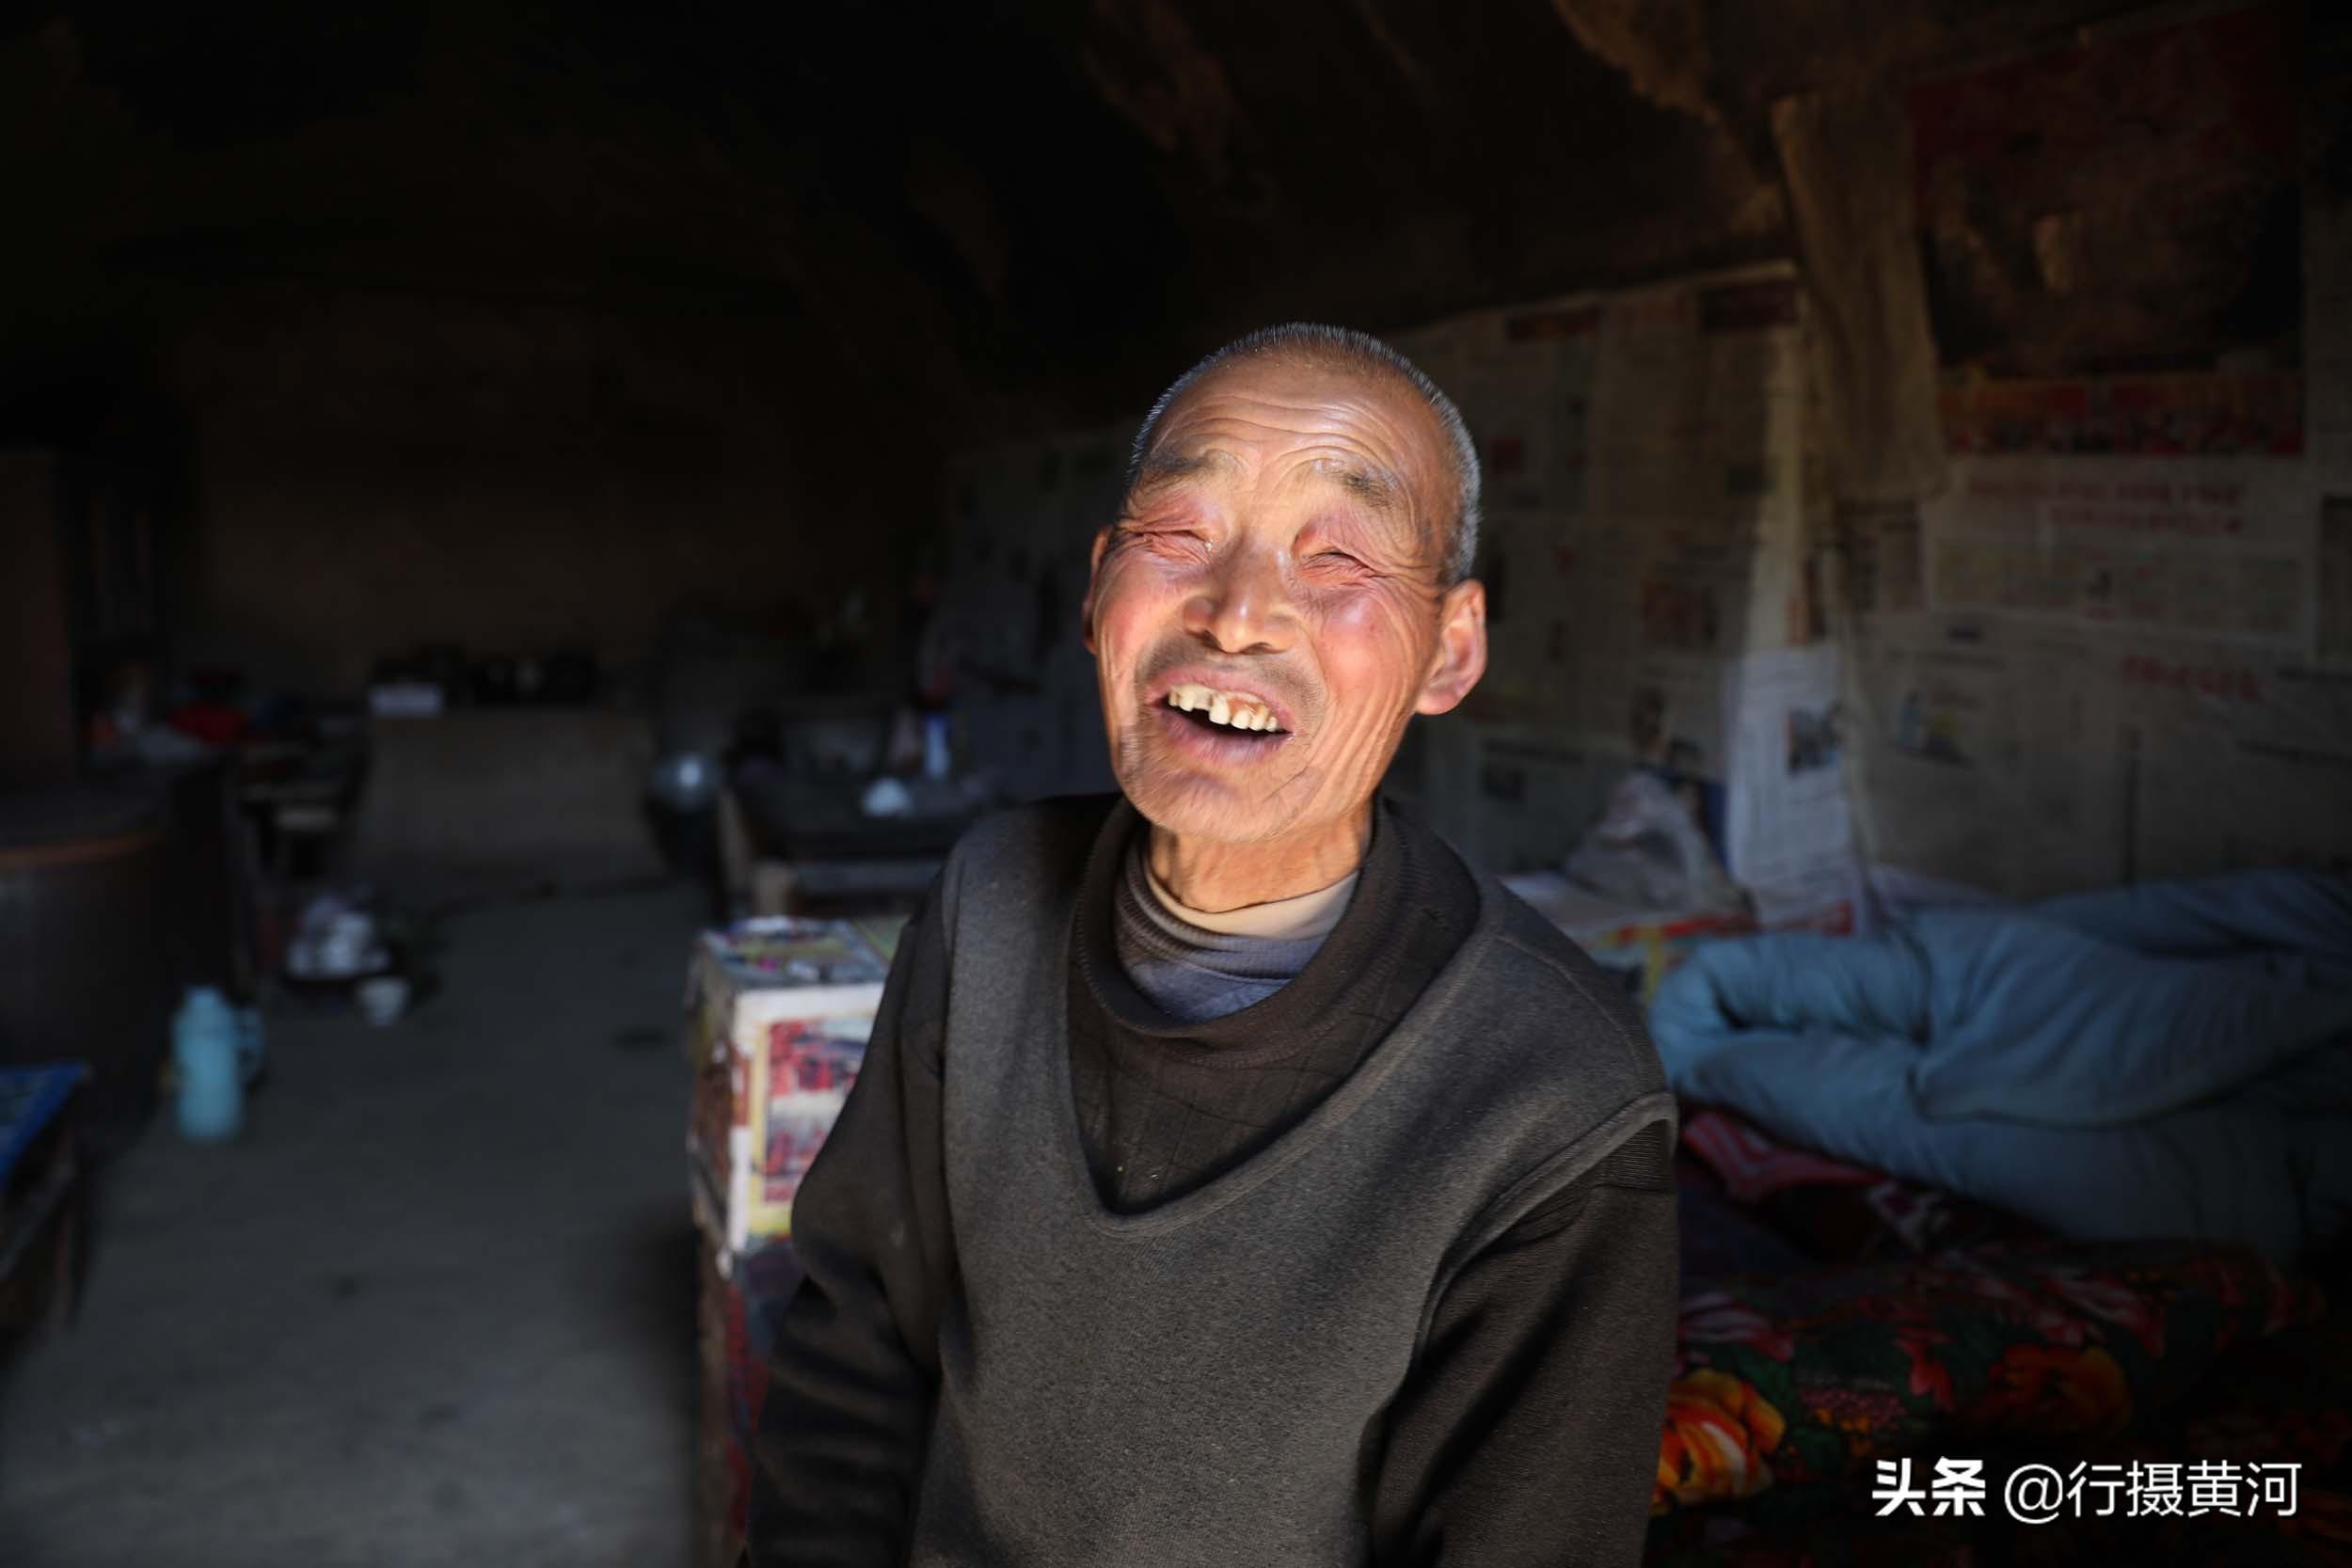 河南77歲老人和50歲傻兒住在黃土地坑裡相依為命,看看活成啥樣子